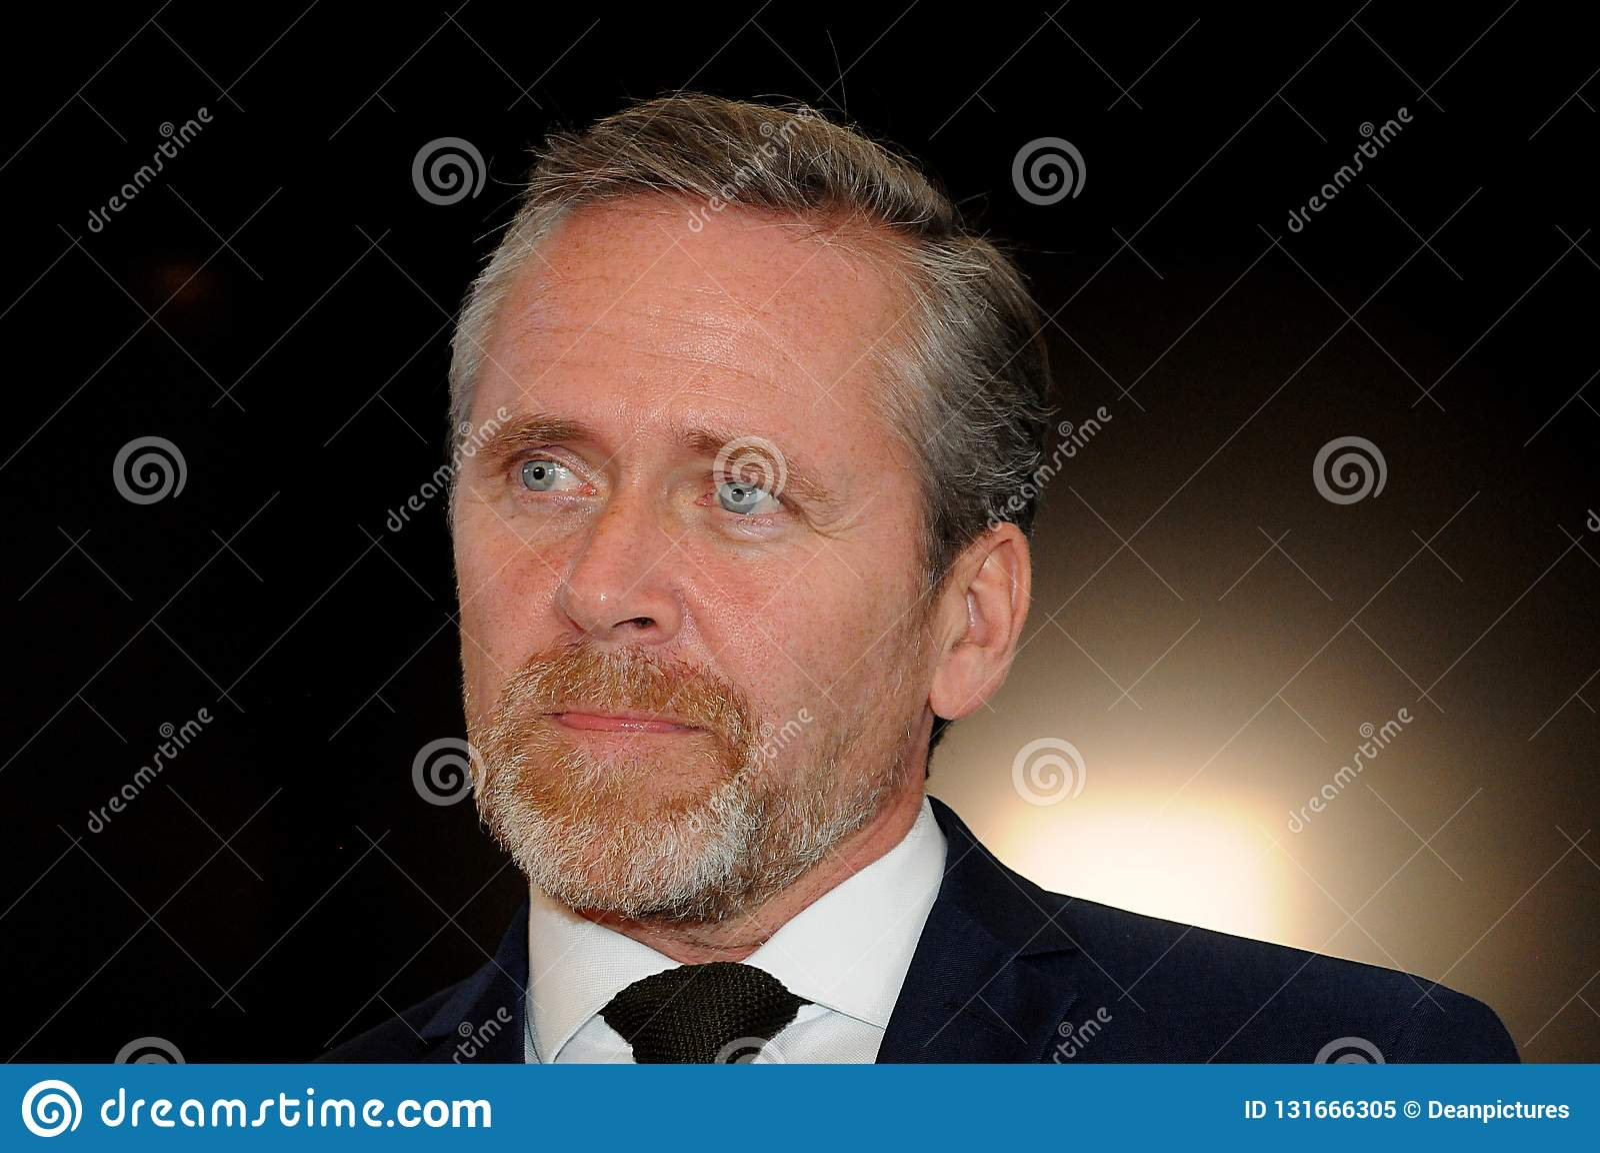 Kopenhagen/Dänemark 15 November 2018 Dänemarks drei Minister dänischer Minister Anders Samuelsens für Außenminister für